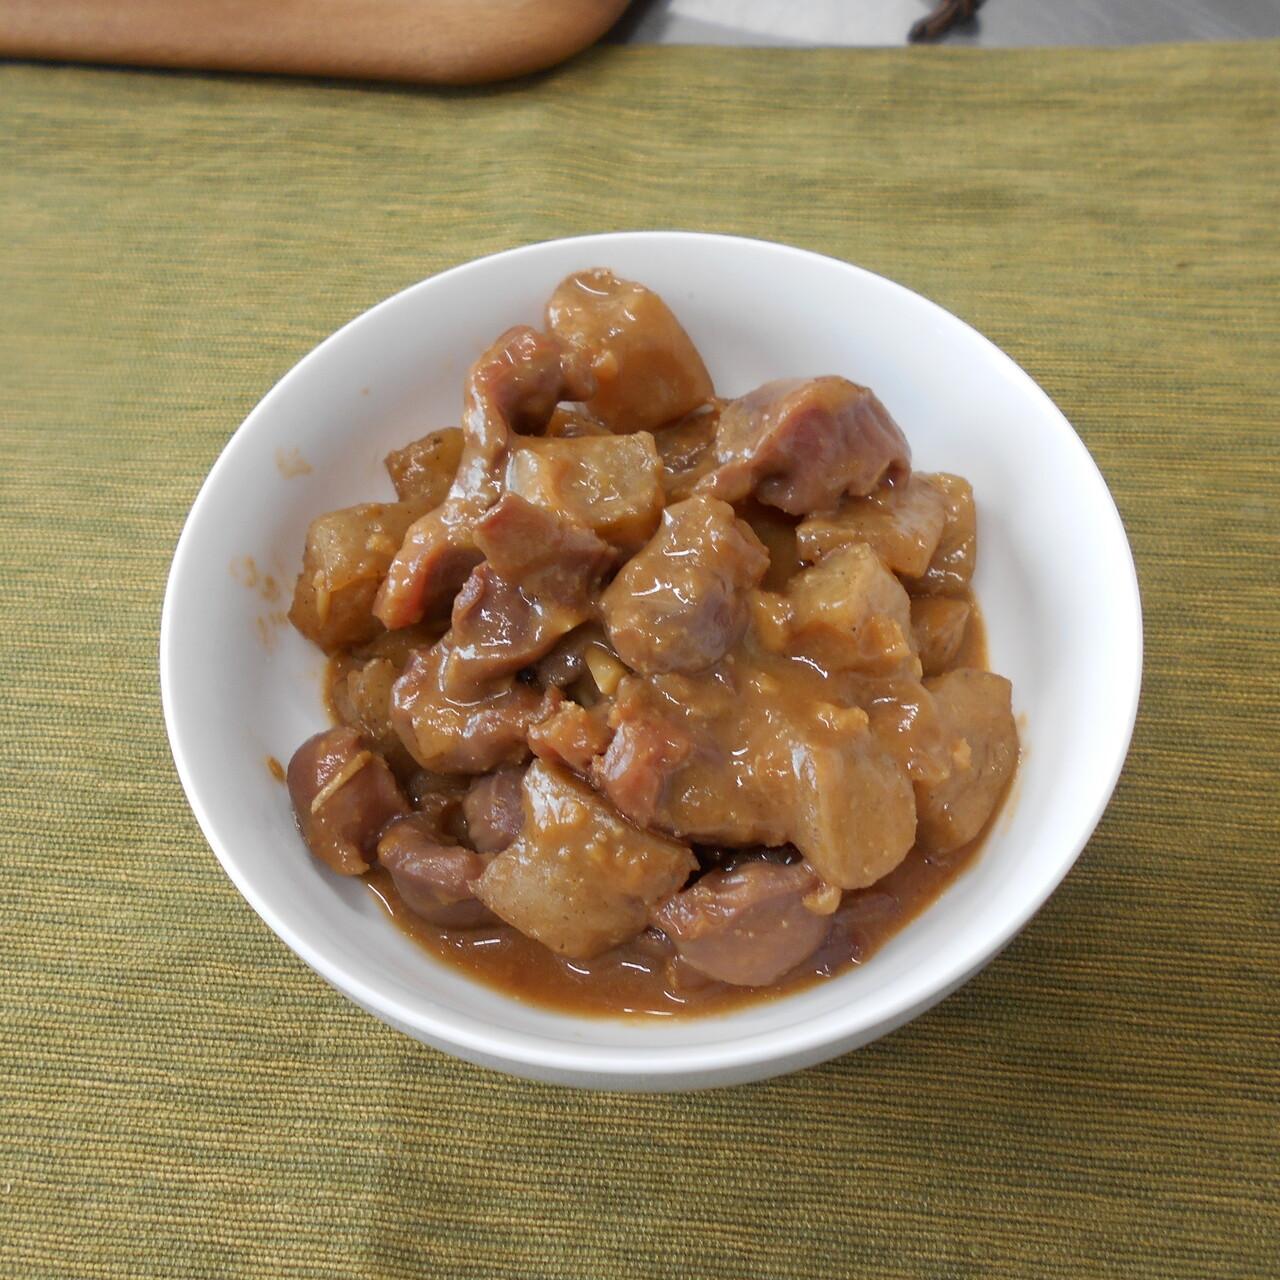 鶏肝の味噌煮込み